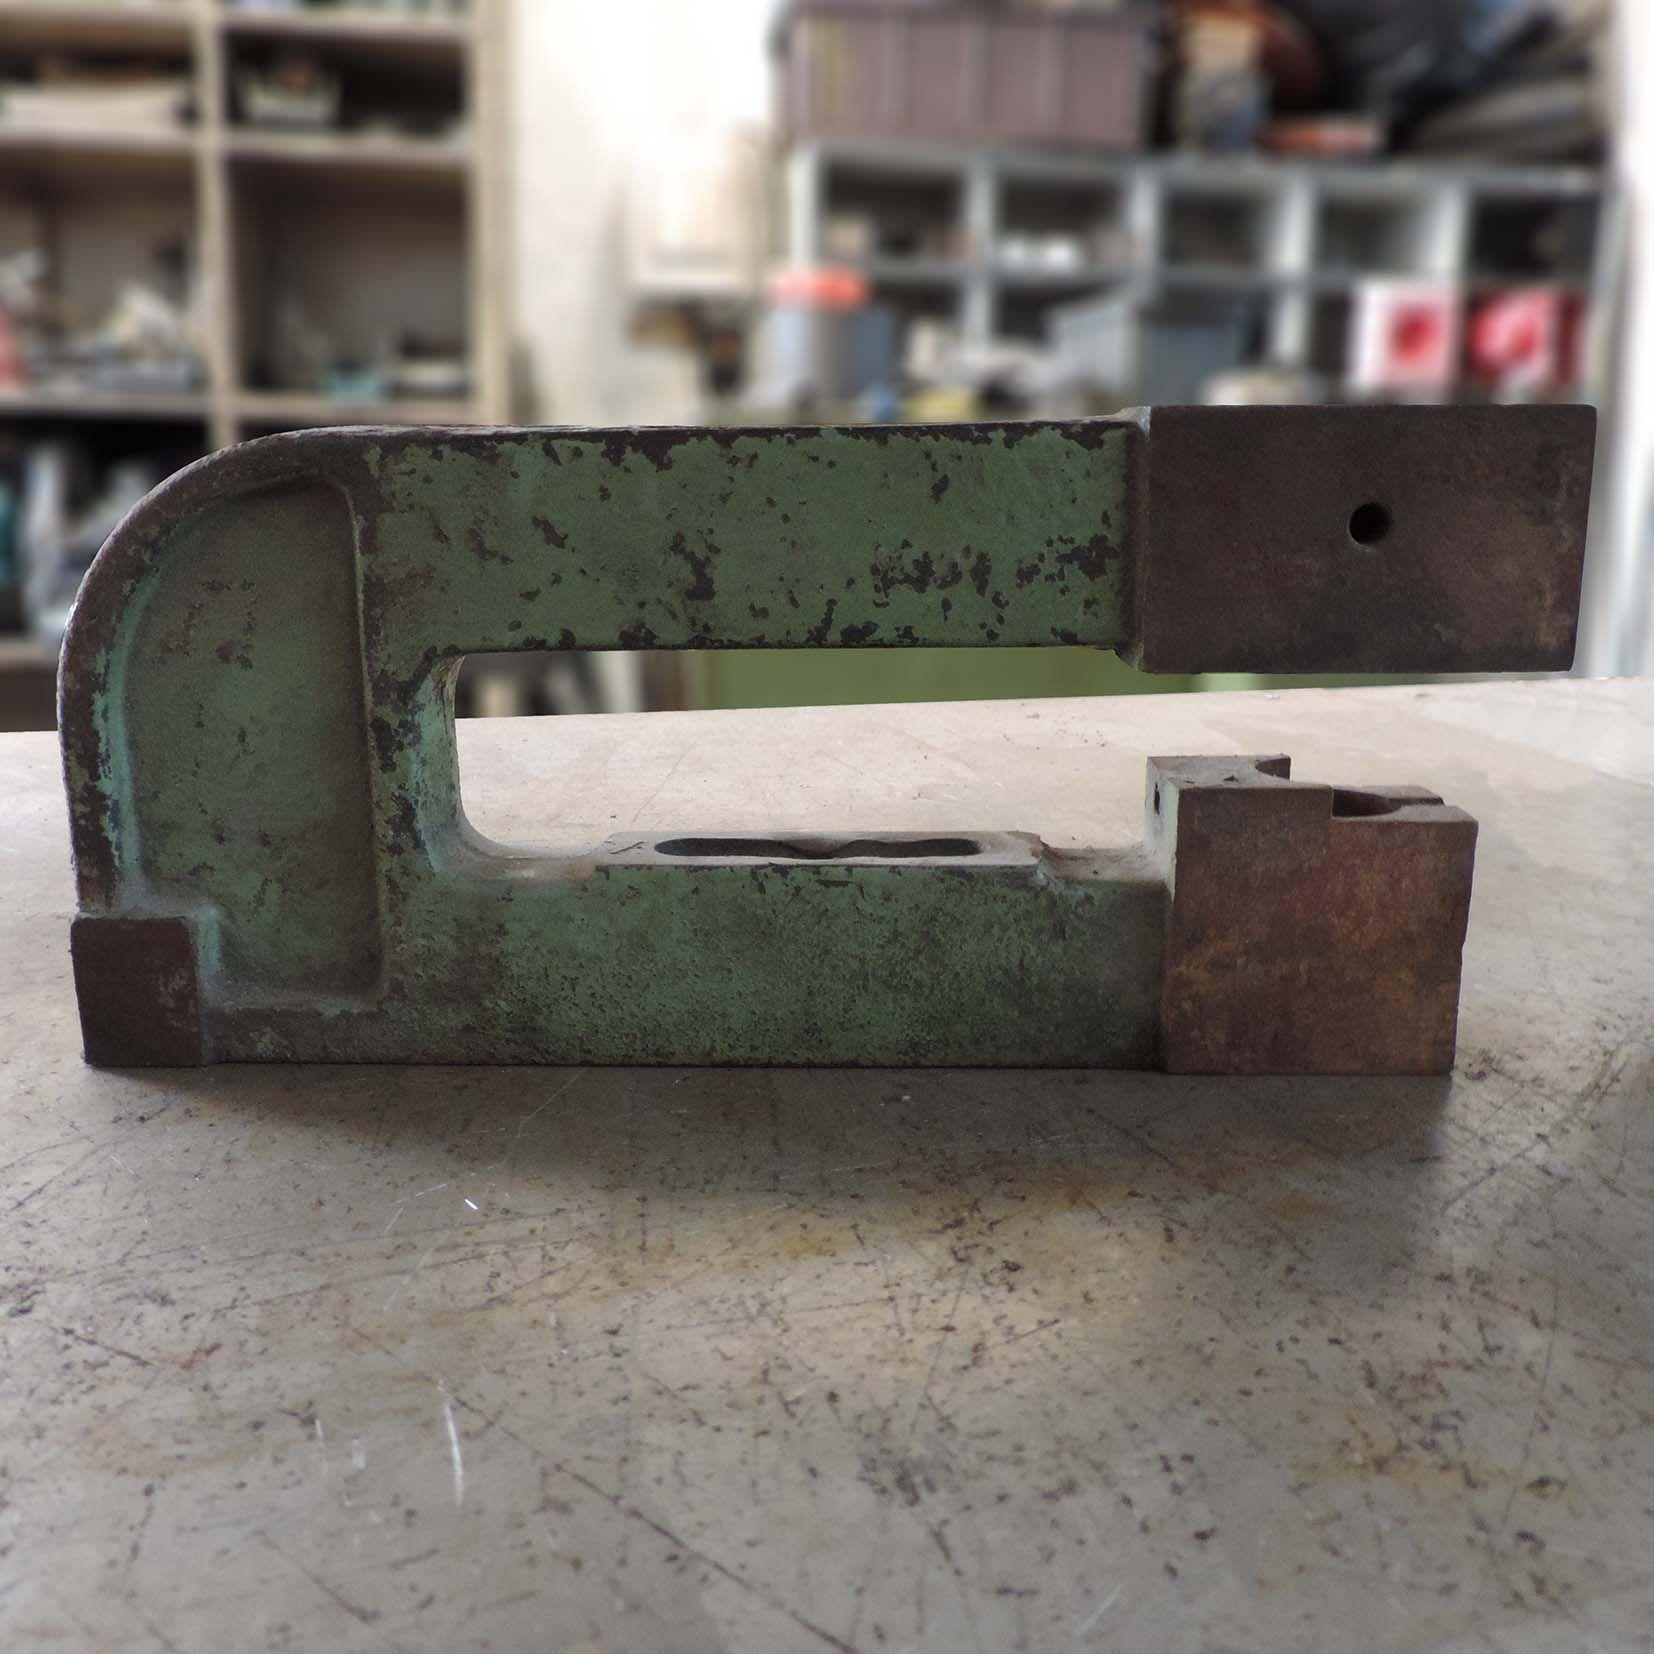 Módulo Para Matriz e Punção MB14-150 BOIAR GK56 - Usado